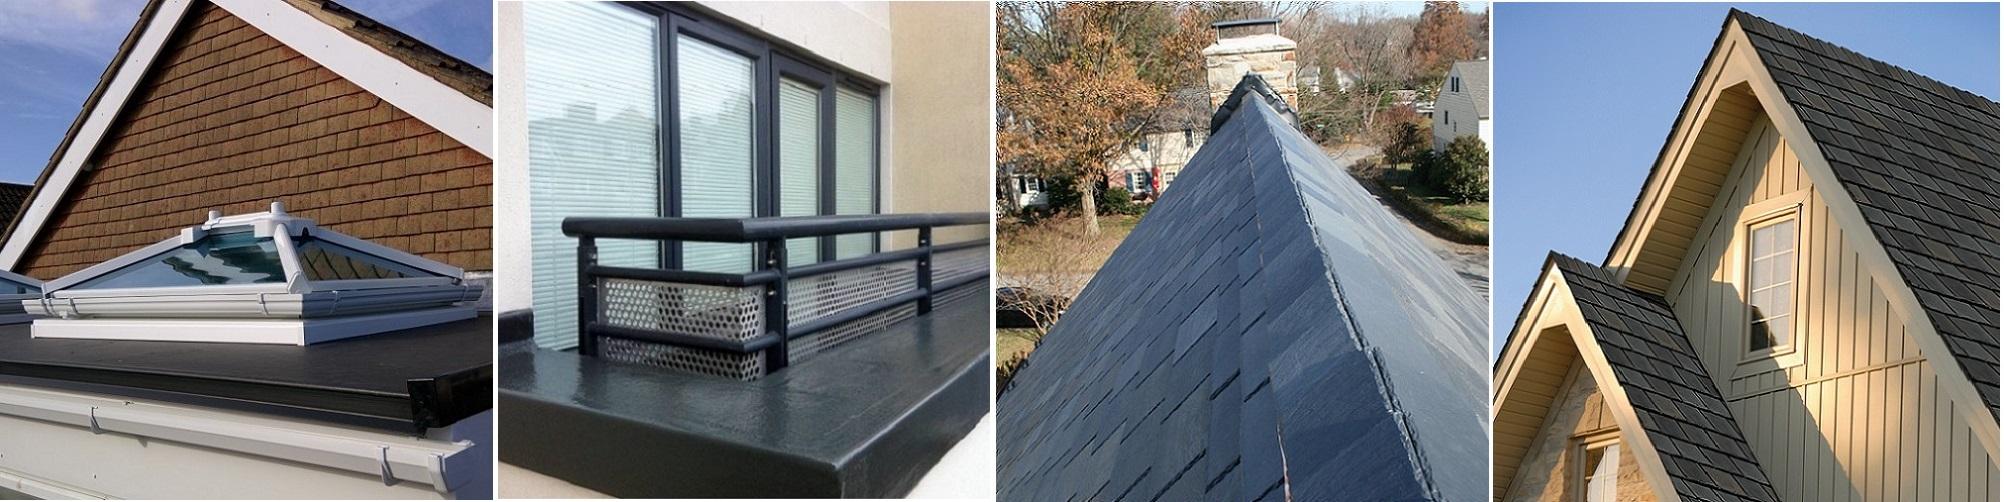 Rubber Slate Roofing Keene Nh Brattleboro Vt